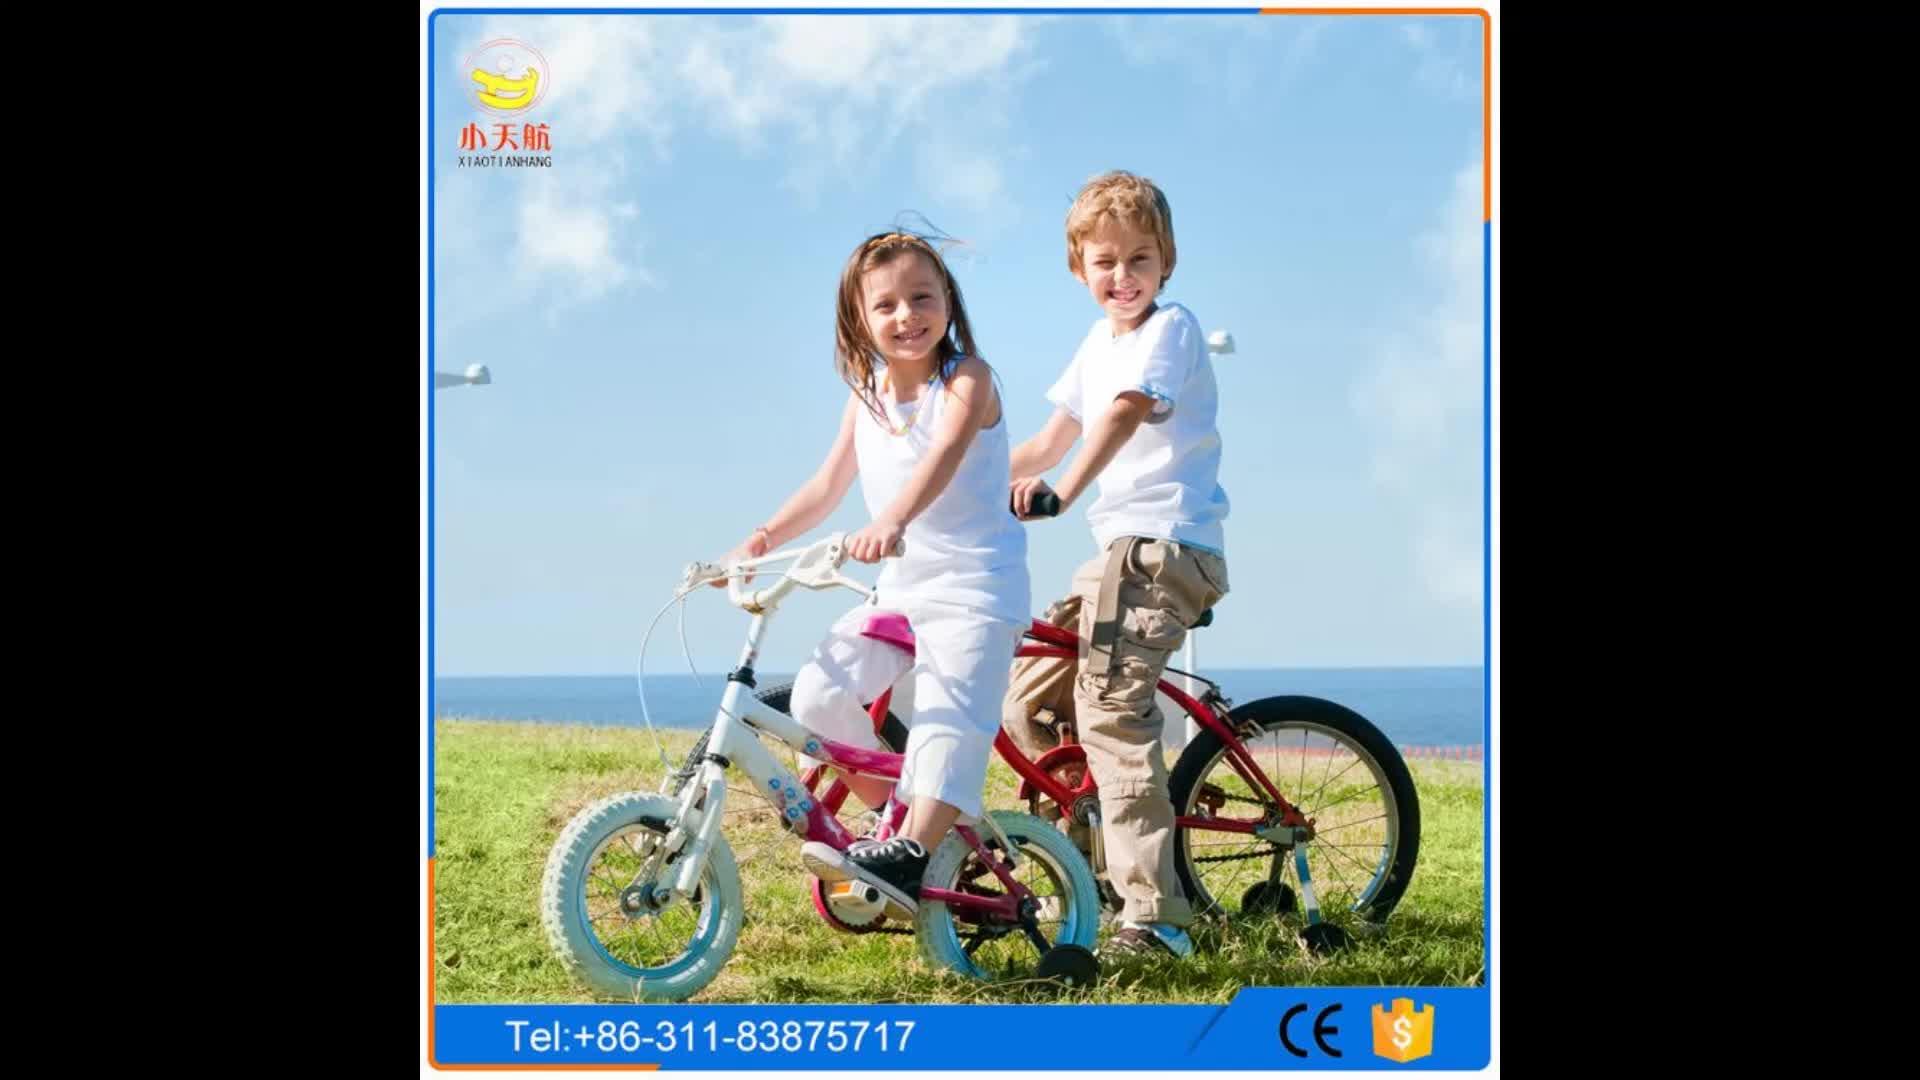 Nueva bicicleta de los niños para niño de 8 años/de alta calidad niños bicicleta/16 pulgadas bicicleta de niños con flash ruedas de entrenamiento